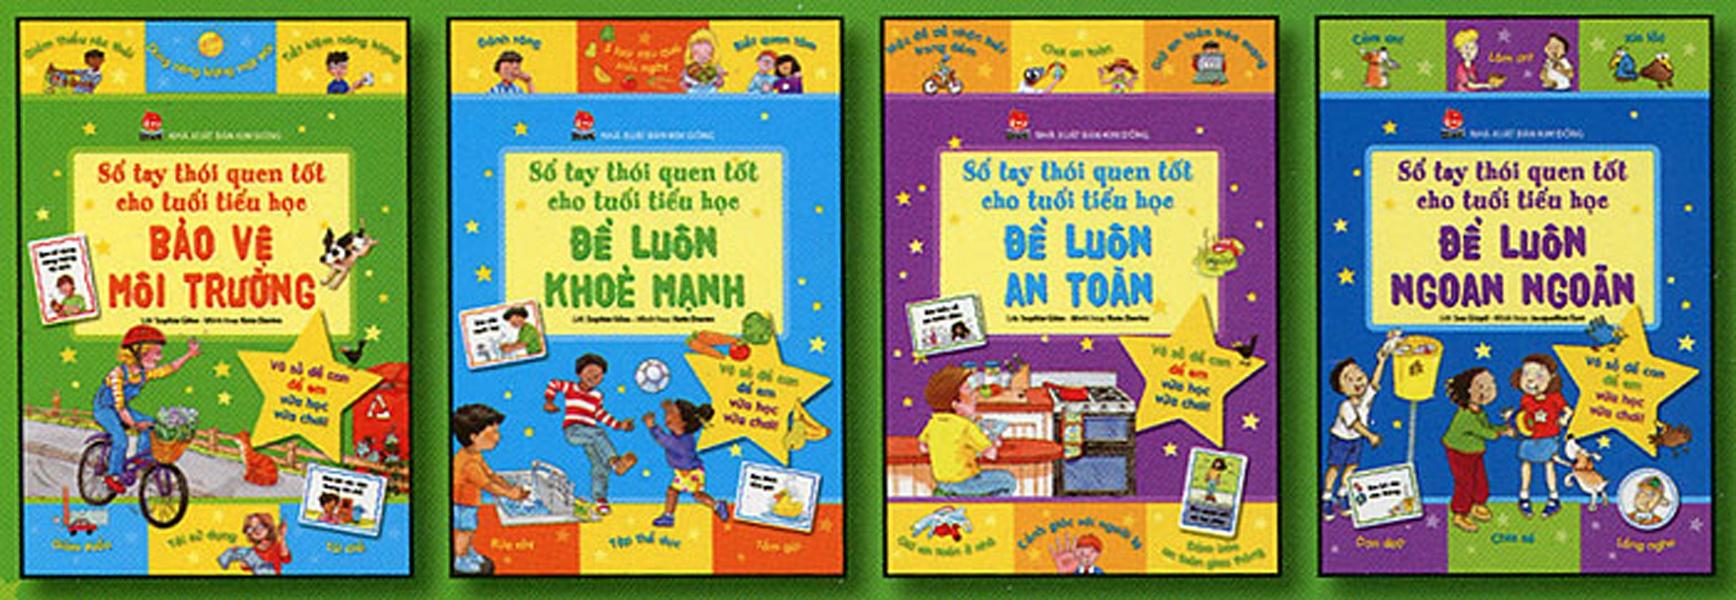 Bộ sách Sổ tay thói quen tốt dành cho trẻ tiểu học (Ảnh: NXB Kim Đồng)